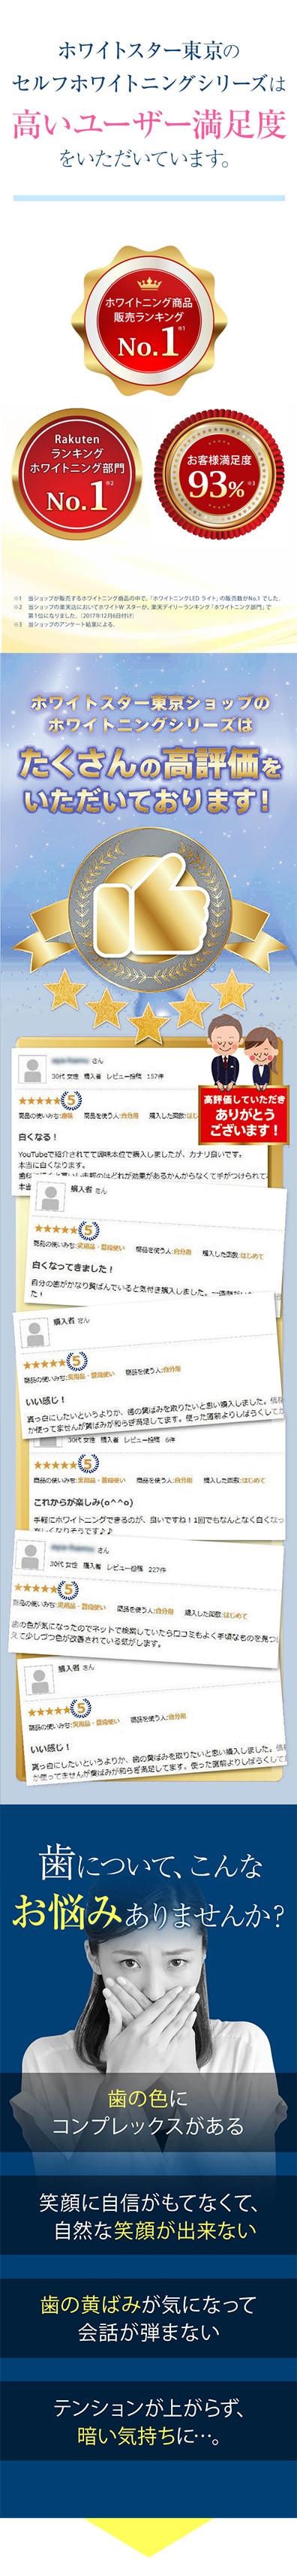 ホワイトスタートーキョーのセルフホワイトニングシリーズは高いユーザー満足度をいただいています。